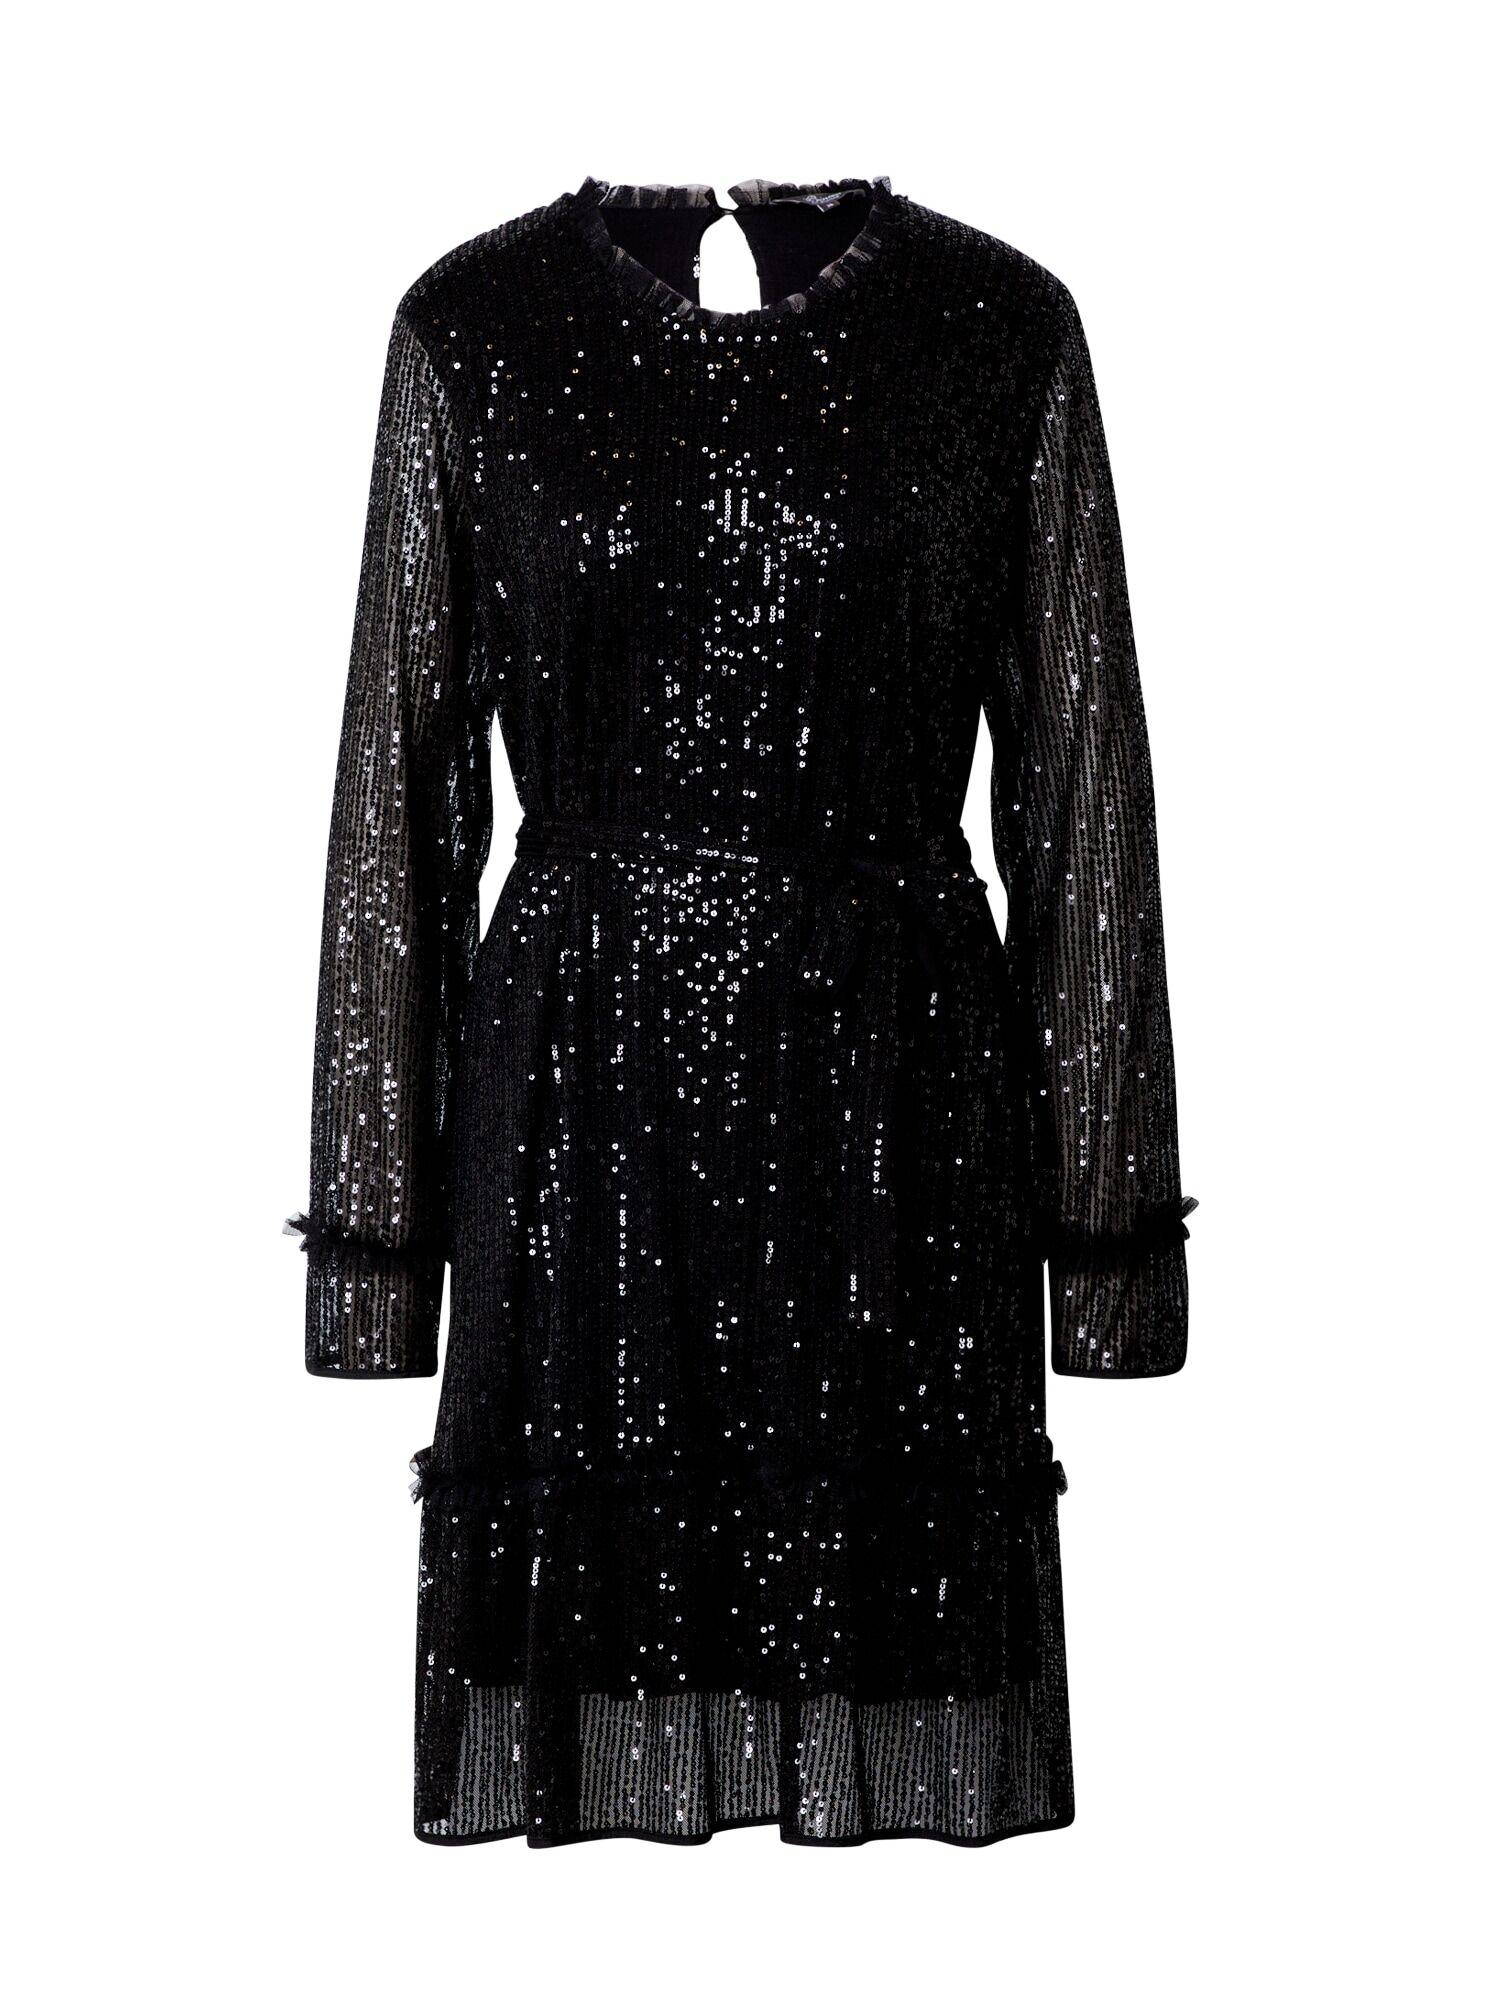 Princess Robe de cocktail 'Luxury'  - Noir - Taille: 42 - female